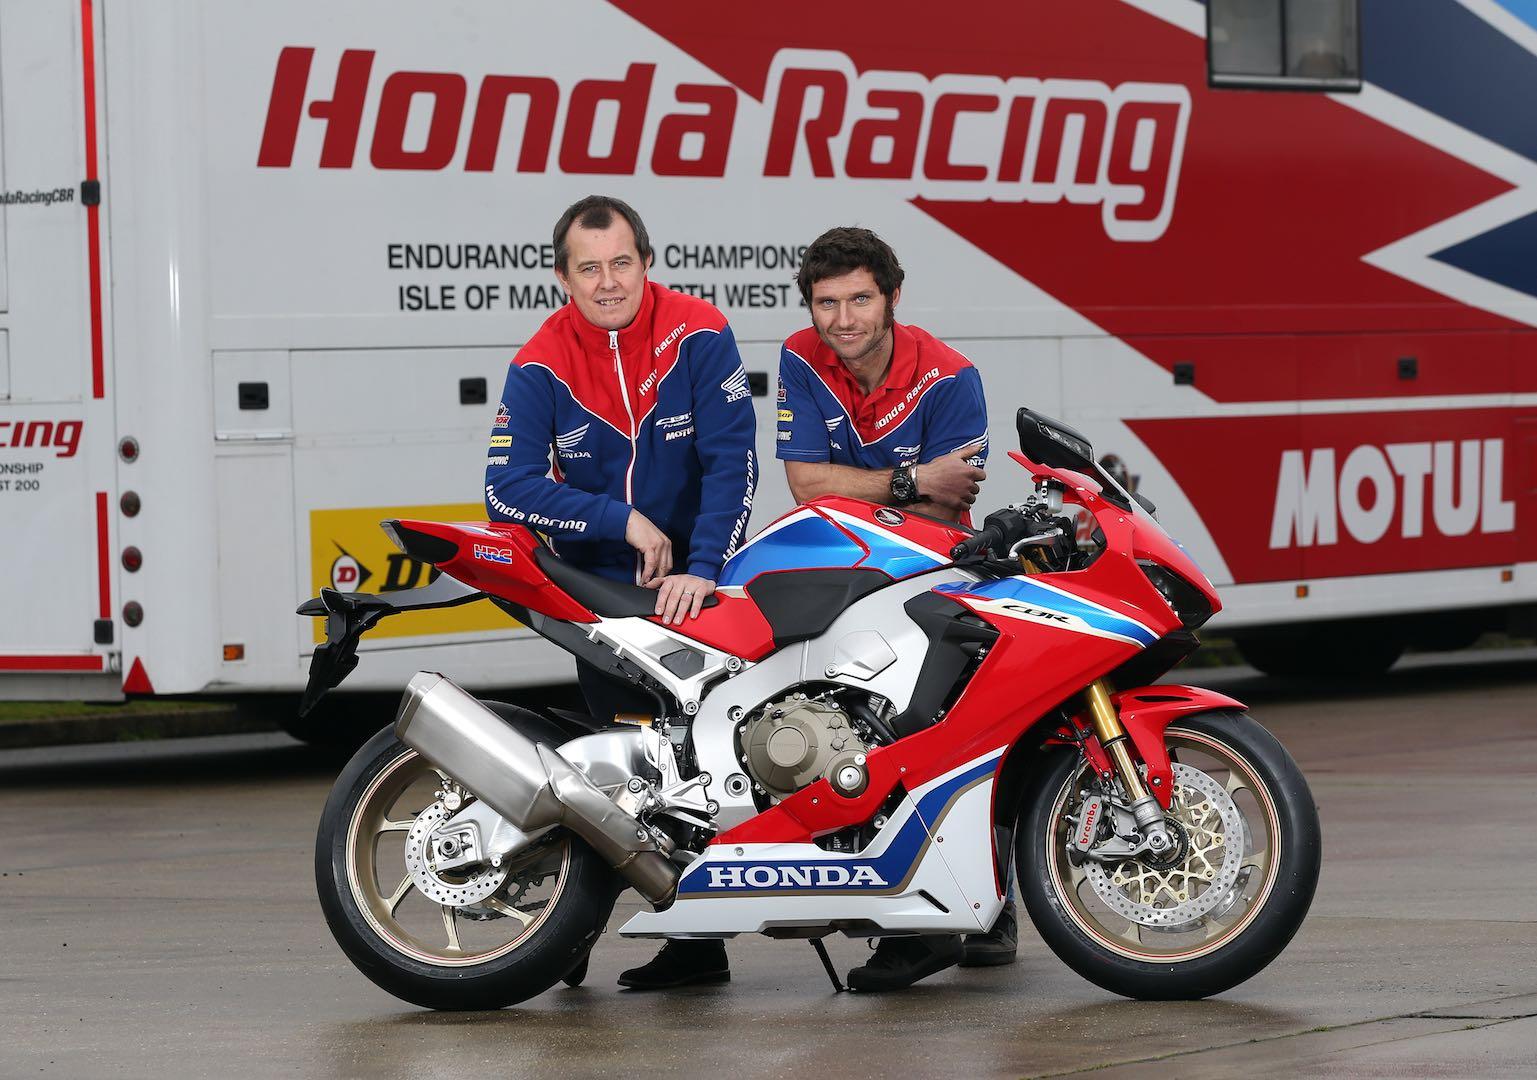 John McGuinness & Guy Martin Team Up on Honda CBR1000RR SP2